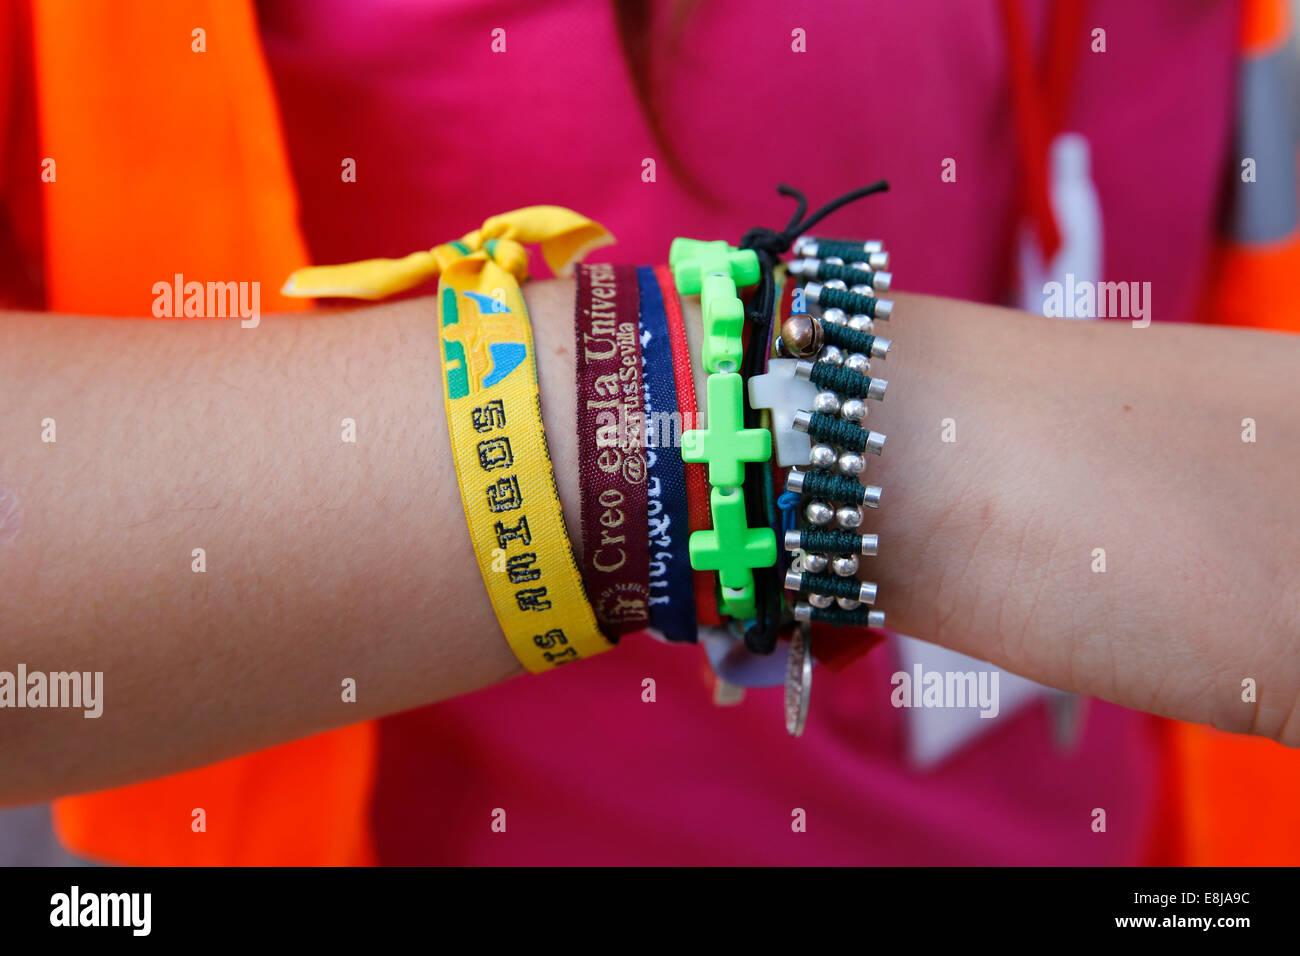 Young catholic pilgrim's wrist bands - Stock Image